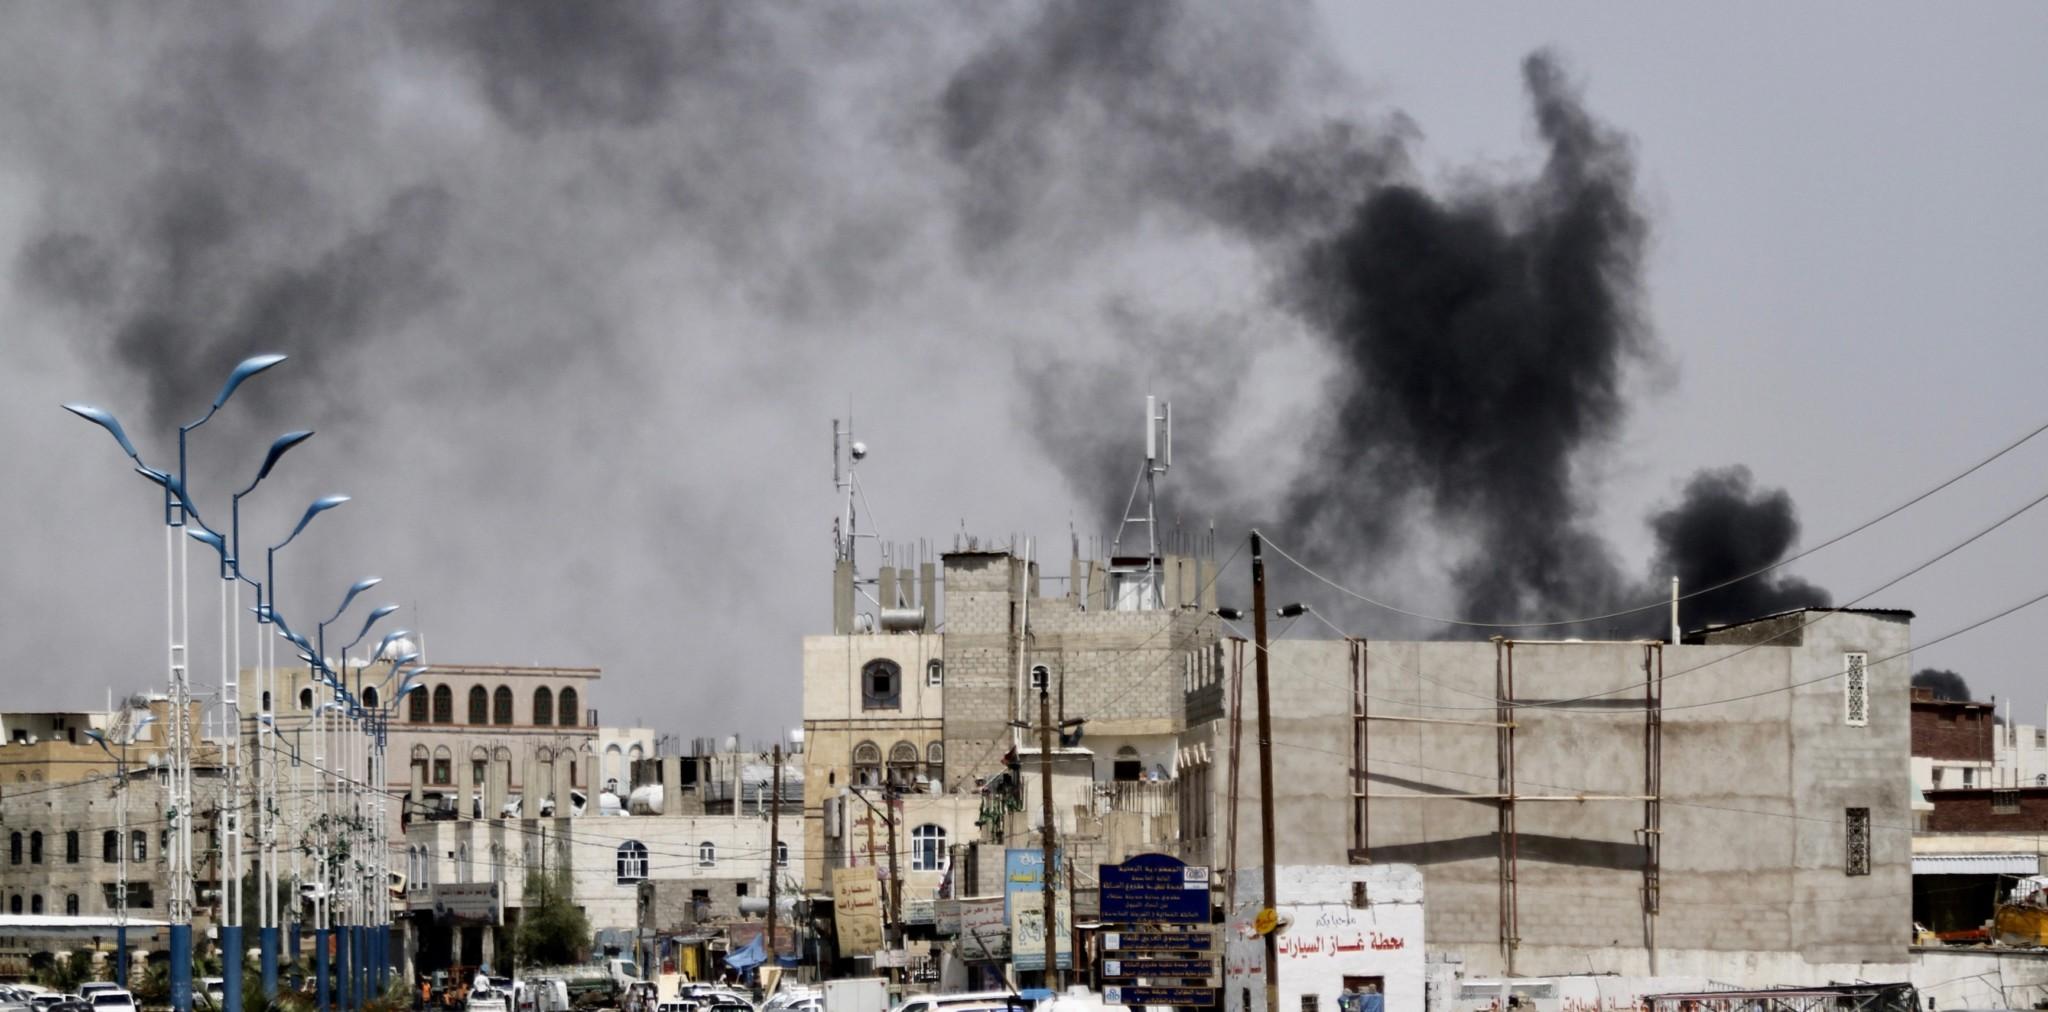 Ønsker stans av bistand til krigen i Jemen